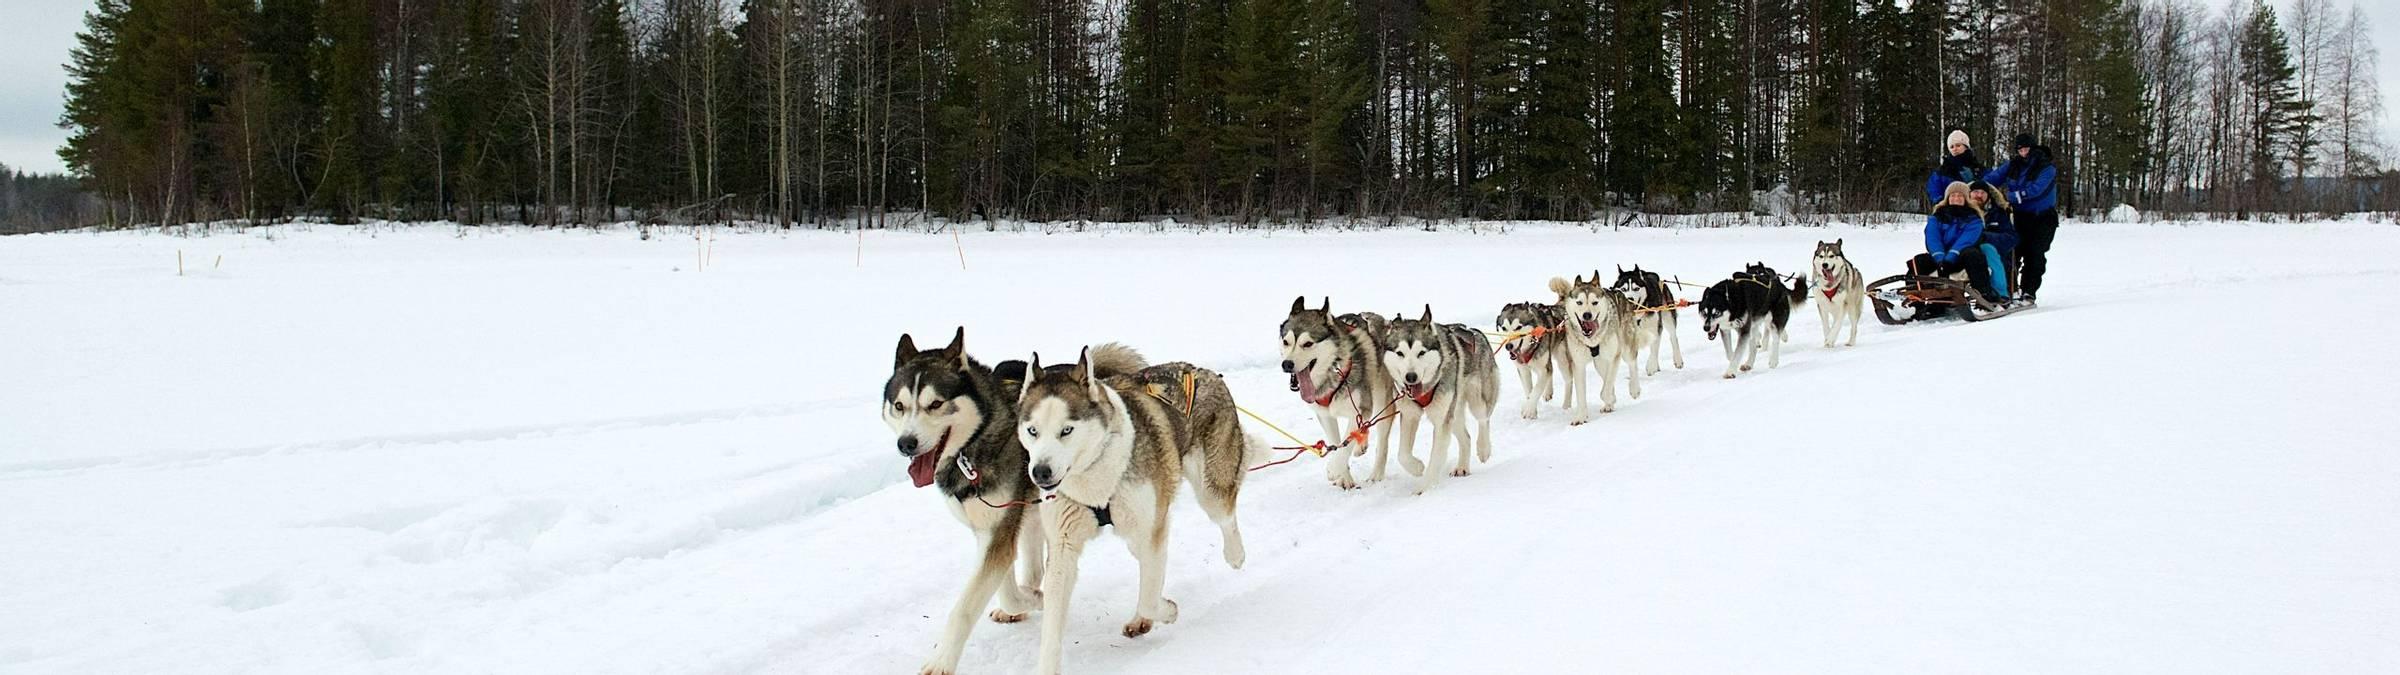 2015, February, Huskies, Lulea, Sorbyn